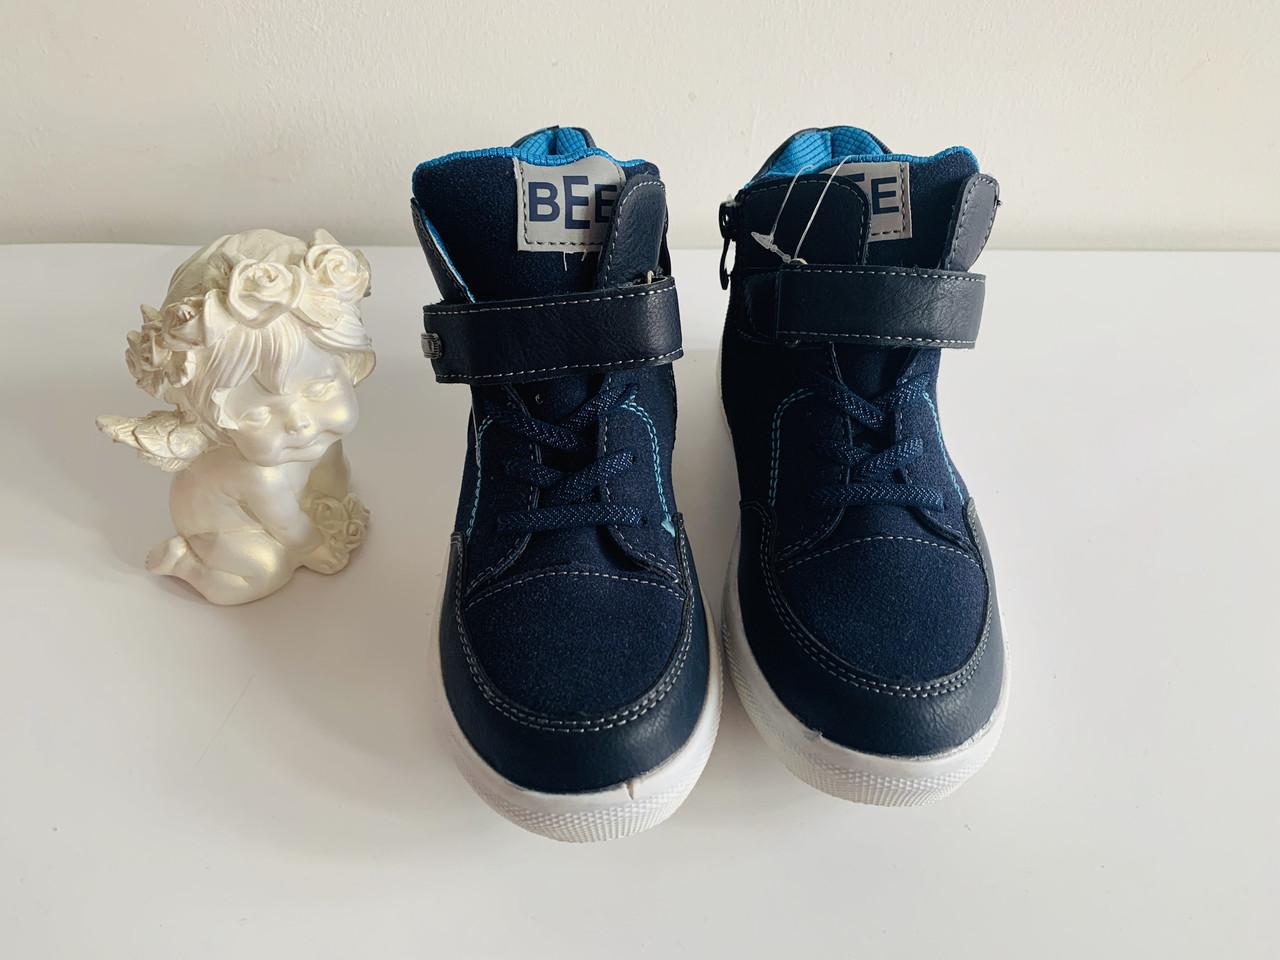 Дитячі черевики для хлопчика Clibee Польща розміри 27-32